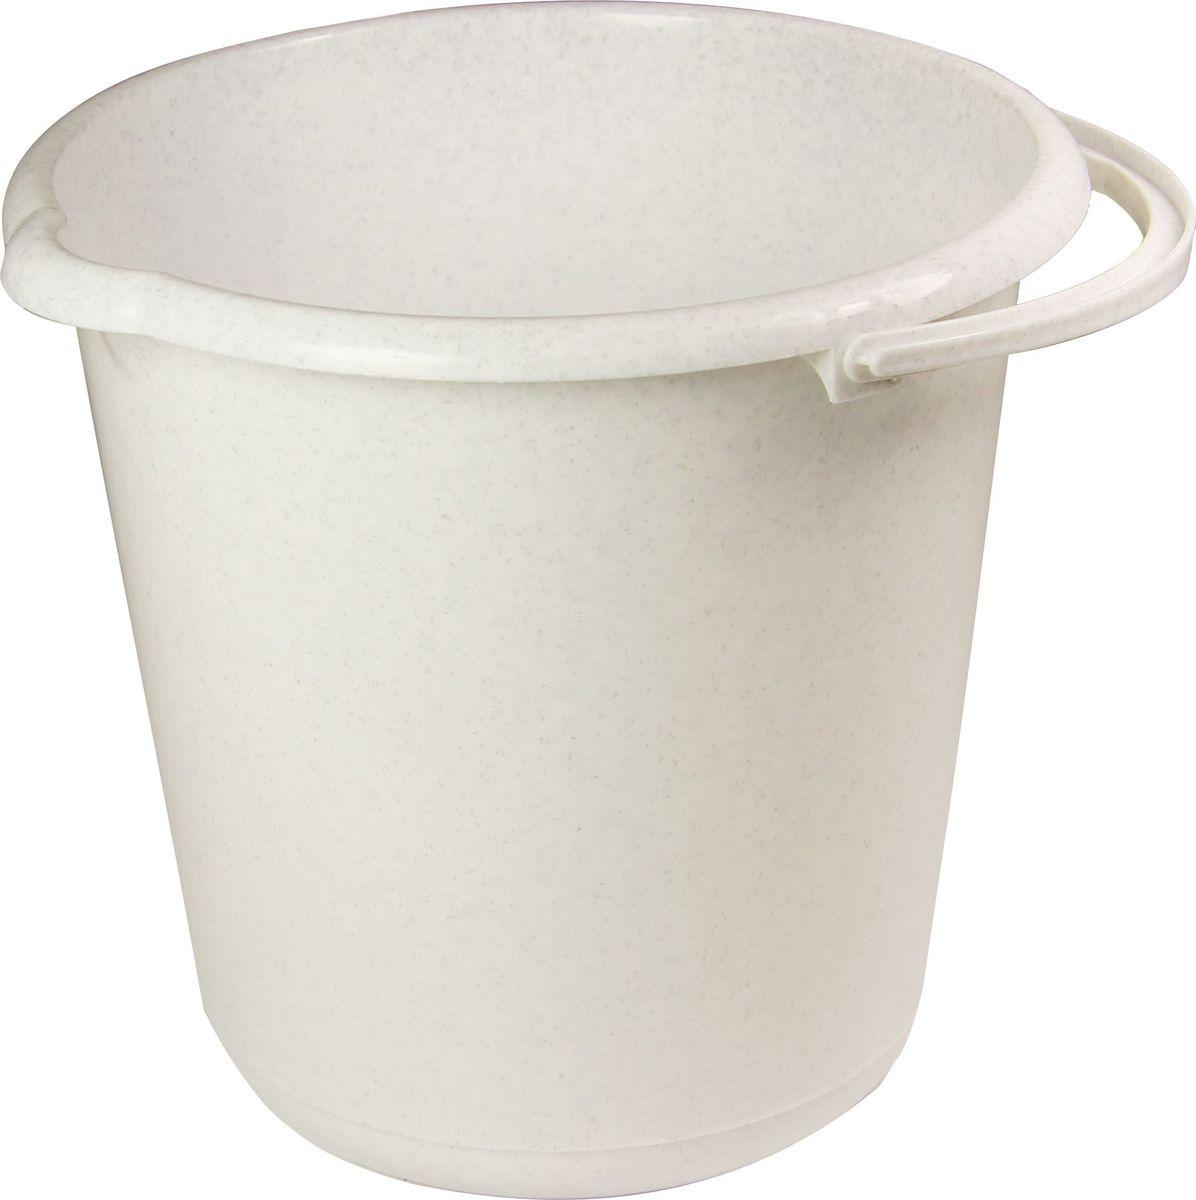 Ведро хозяйственное Idea, цвет: мраморный, 15 л787502Ведро Idea изготовлено из высококачественного прочного пластика. Оно легче железного и не подвержено коррозии. Ведро оснащено удобной пластиковой ручкой. Такое ведро станет незаменимымпомощником в хозяйстве.Диаметр (по верхнему краю): 33 см.Высота: 31 см.